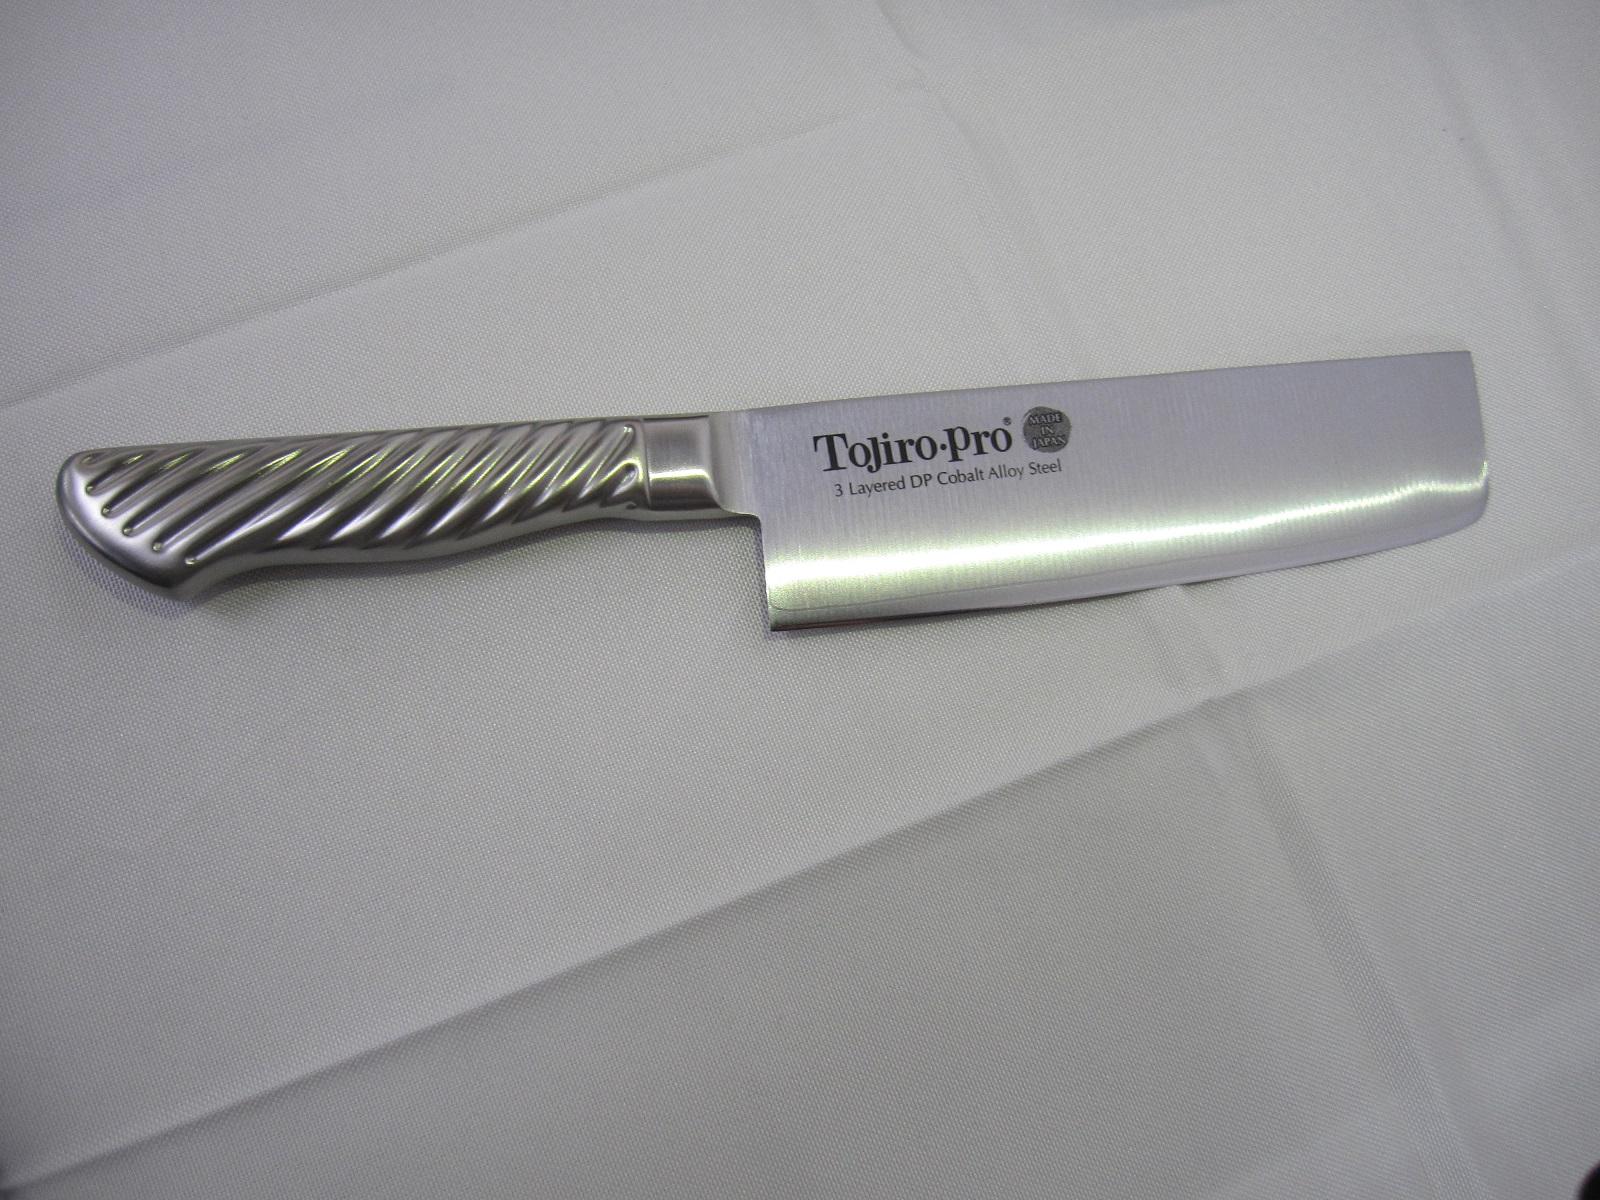 【オープン記念】【数量限定】TOJIRO PRO DPコバルト合金鋼割込 薄刃 165mm (F-894)